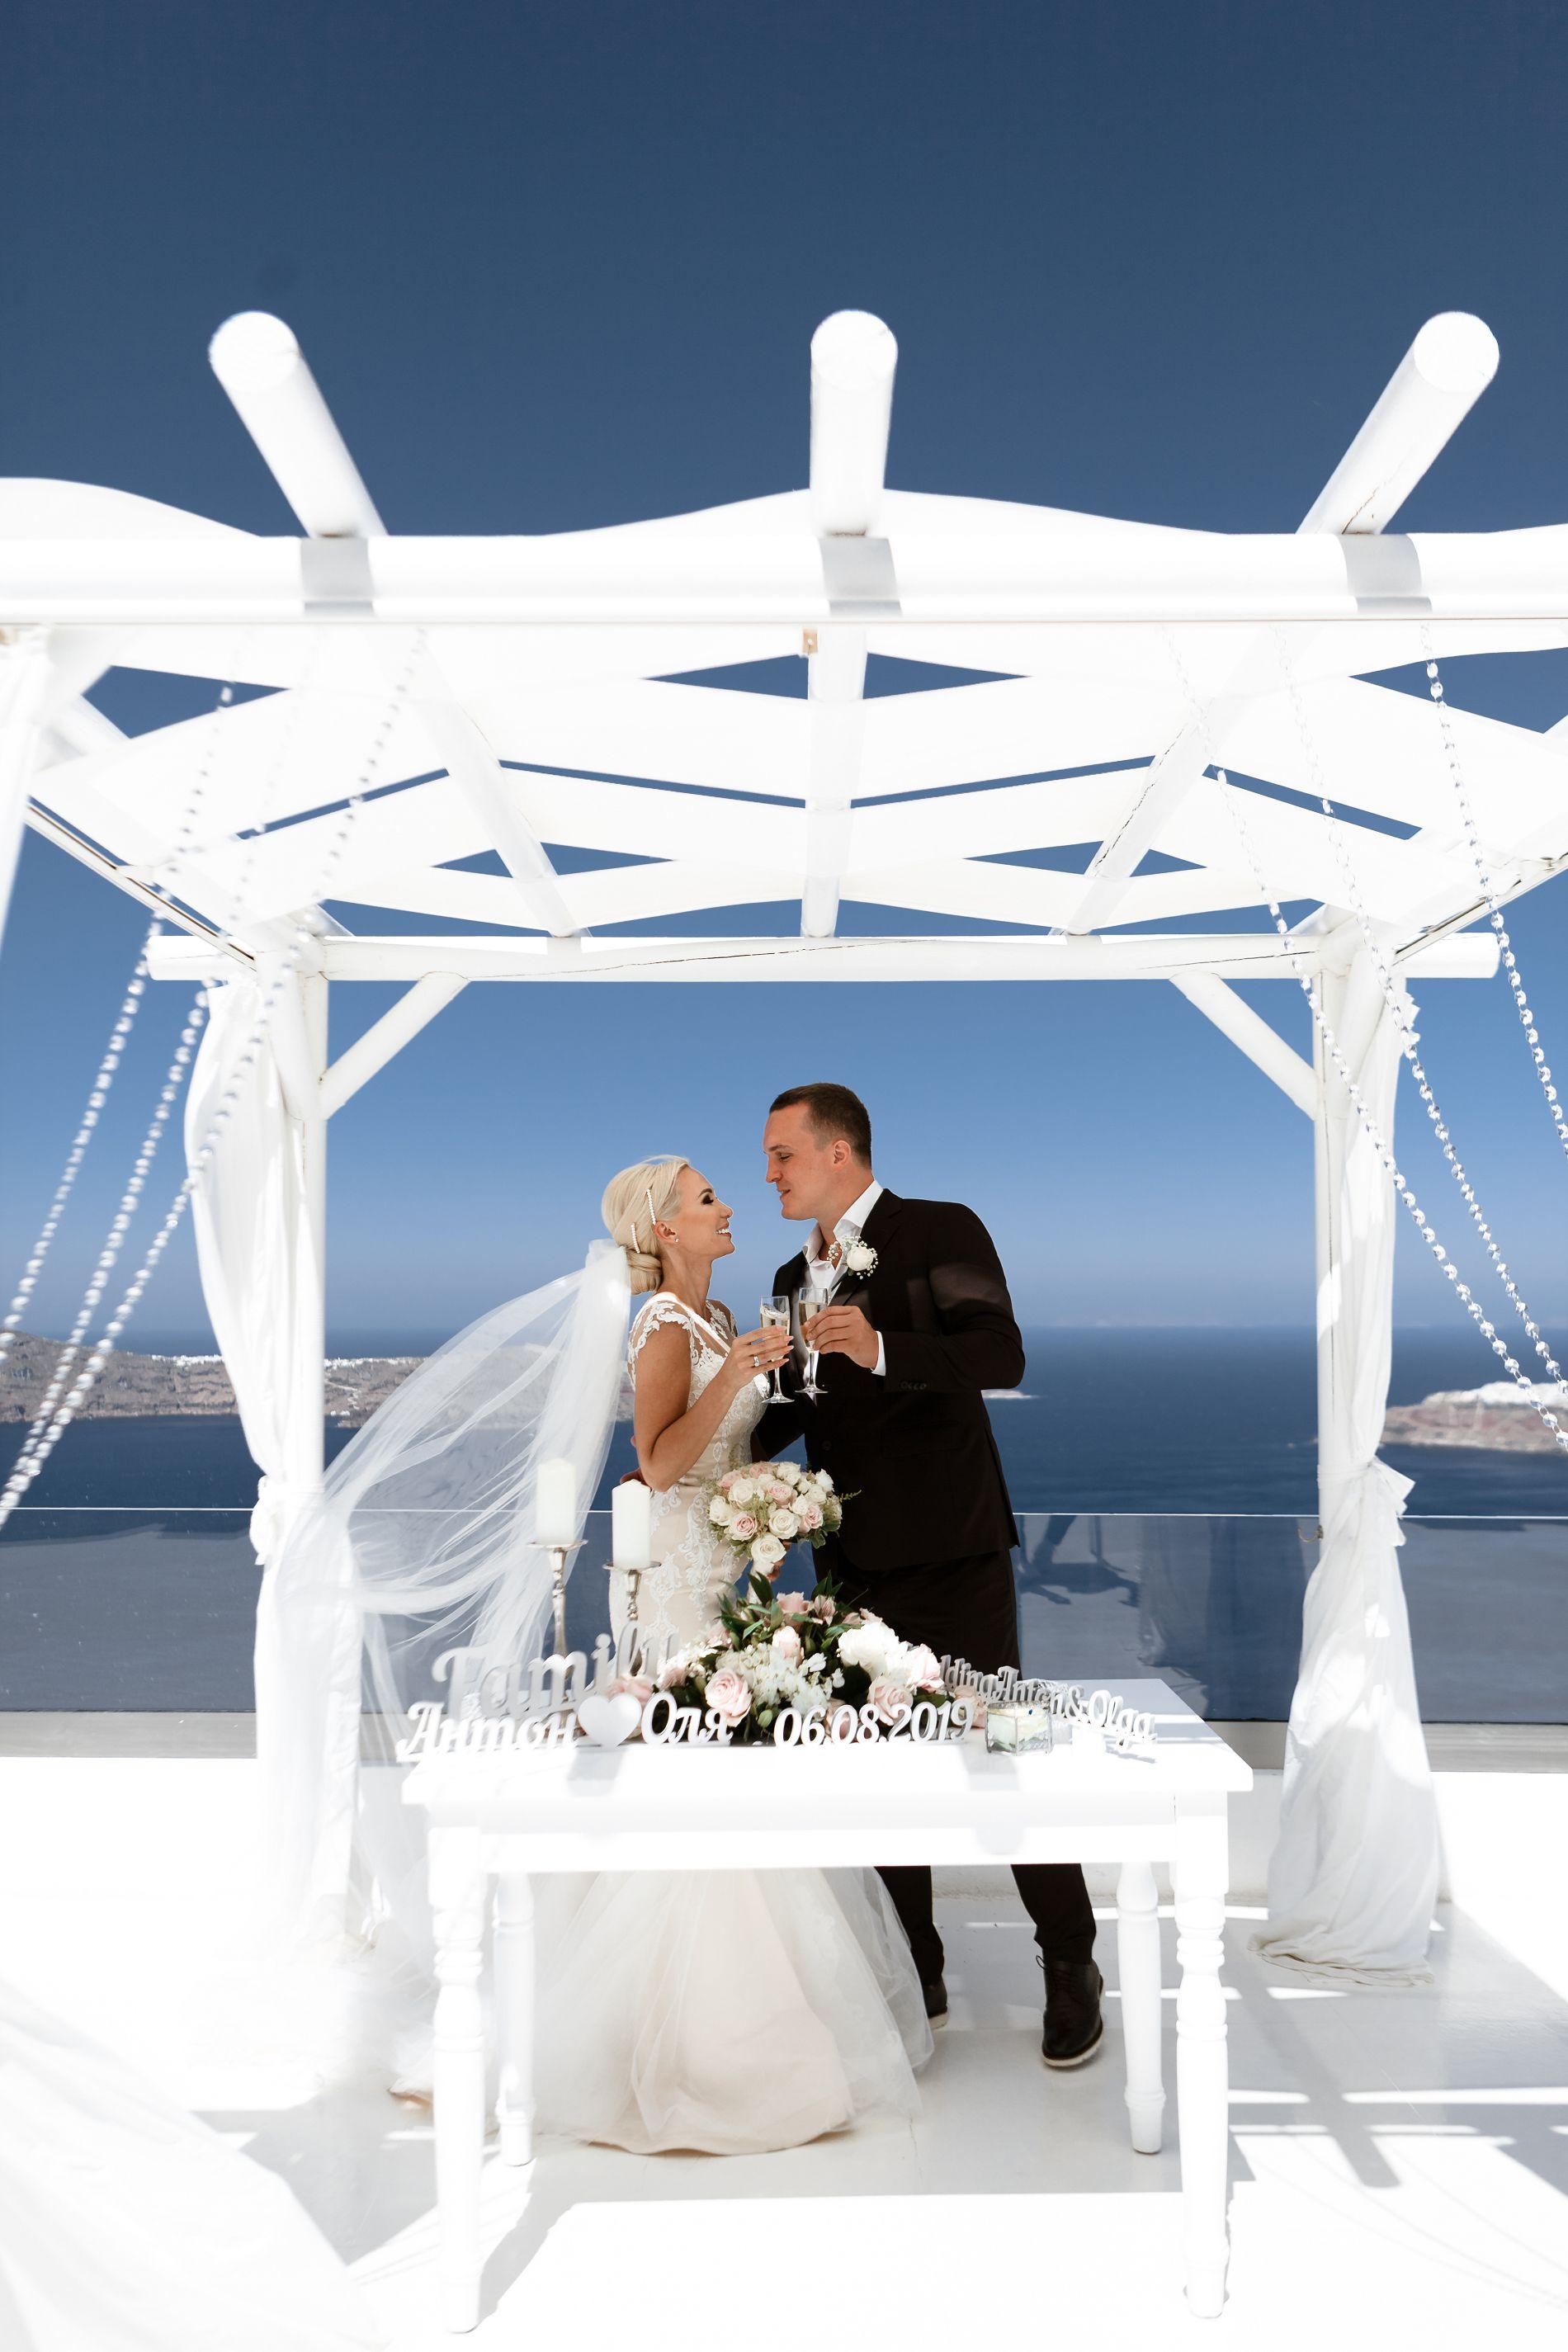 Антон и Ольга: свадьба на санторини, свадебное агентство Julia Veselova - Фото 2